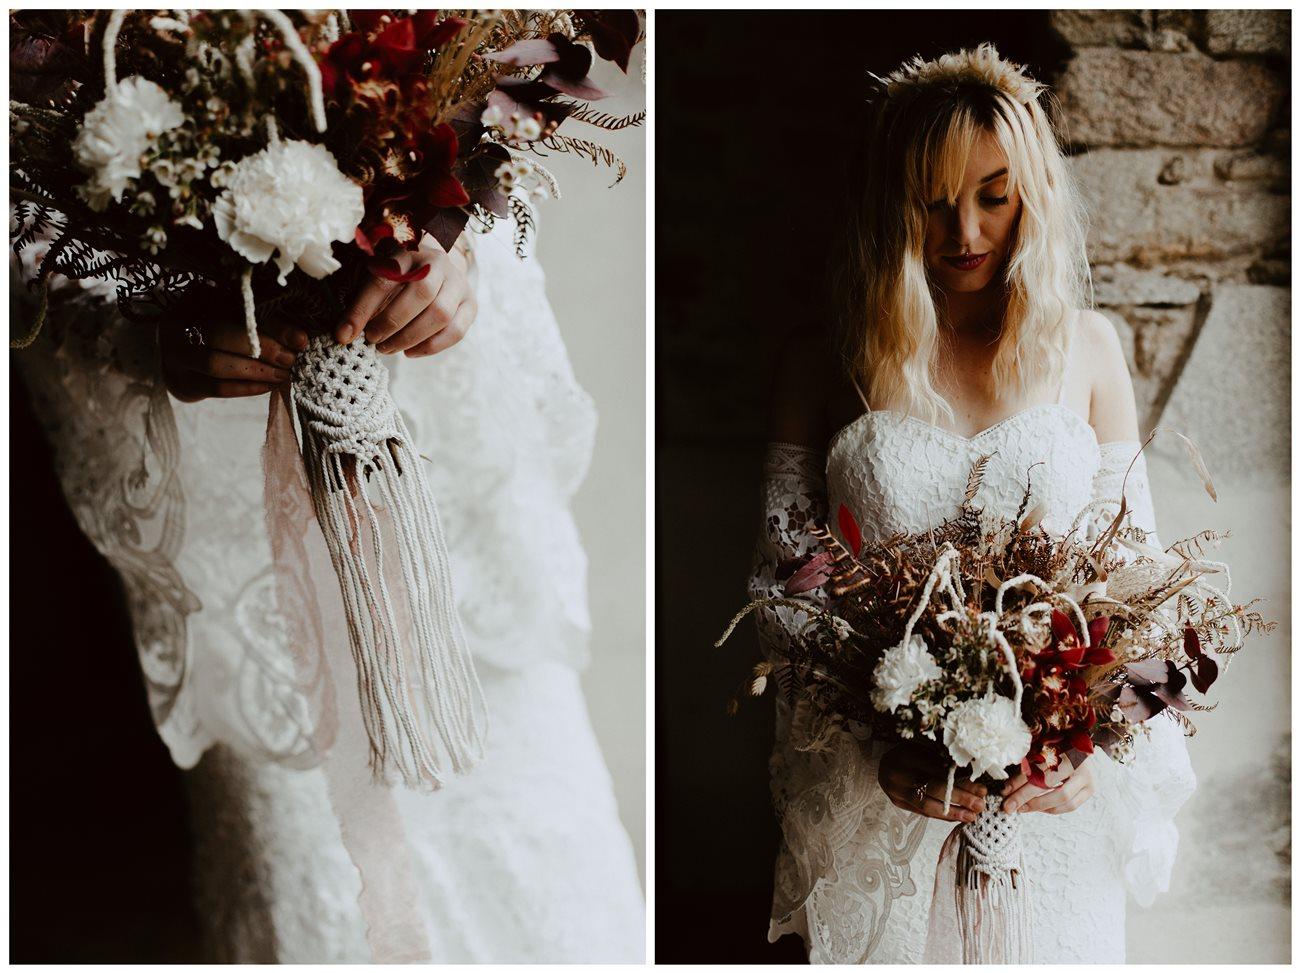 mariage bohème préparation mariée bouquet fleurs Folie Douce Flower